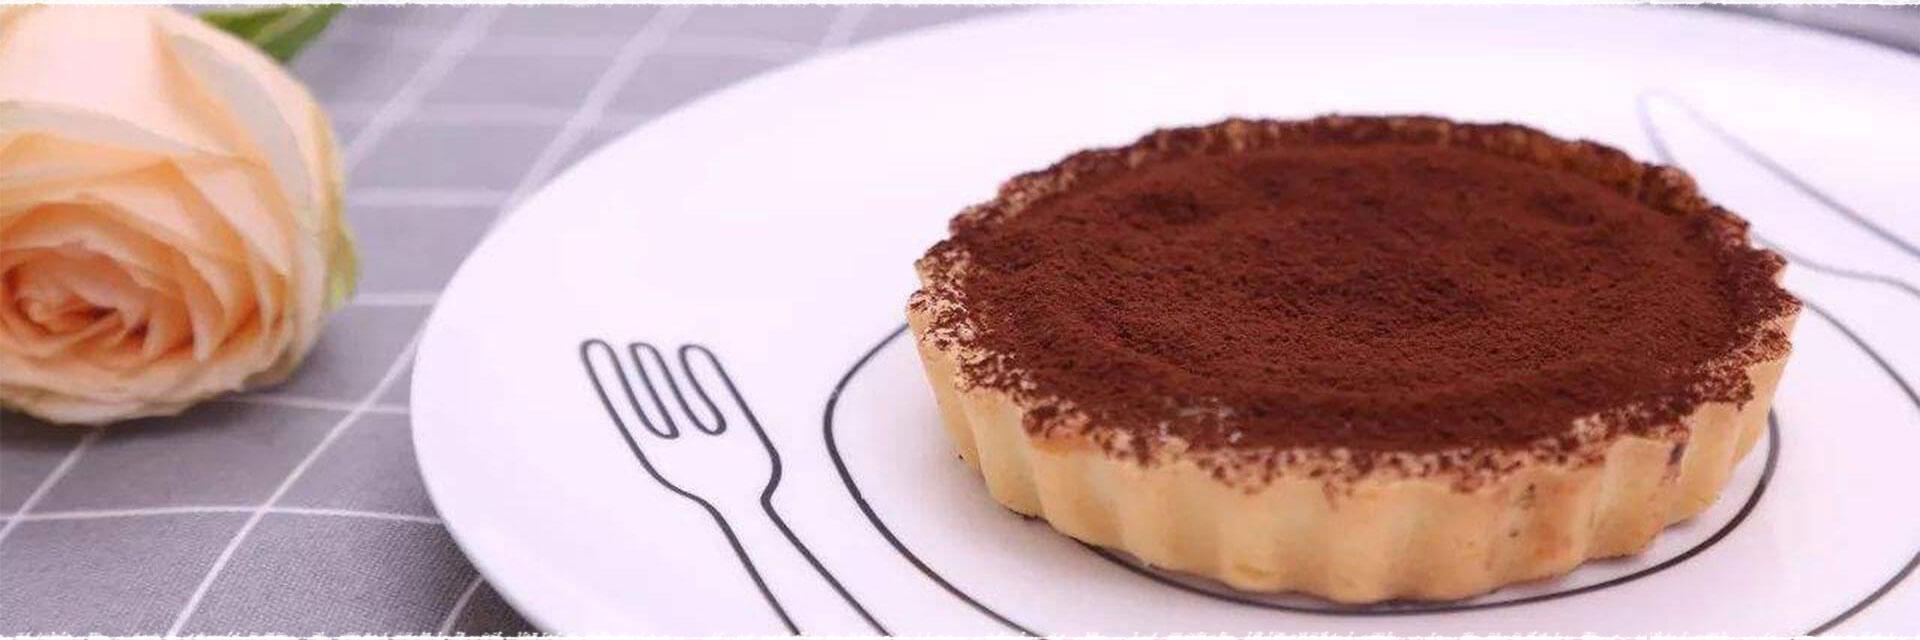 Tartelettes chocolat thé ou la rencontre entre la ganache et le WuLong.